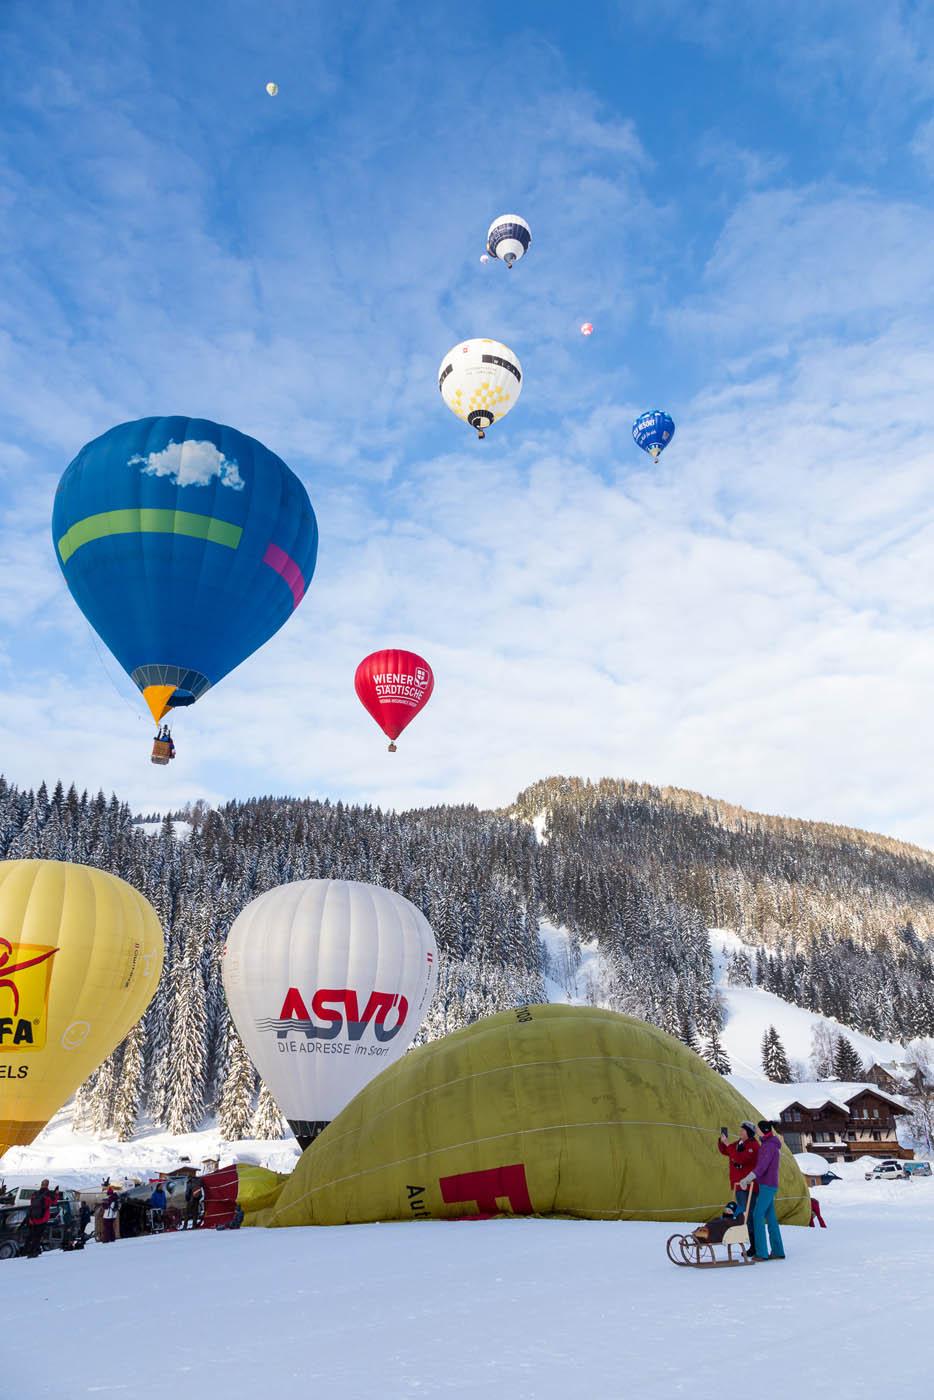 Idee Geburtstagsgeschenk eine Ballonfahrt